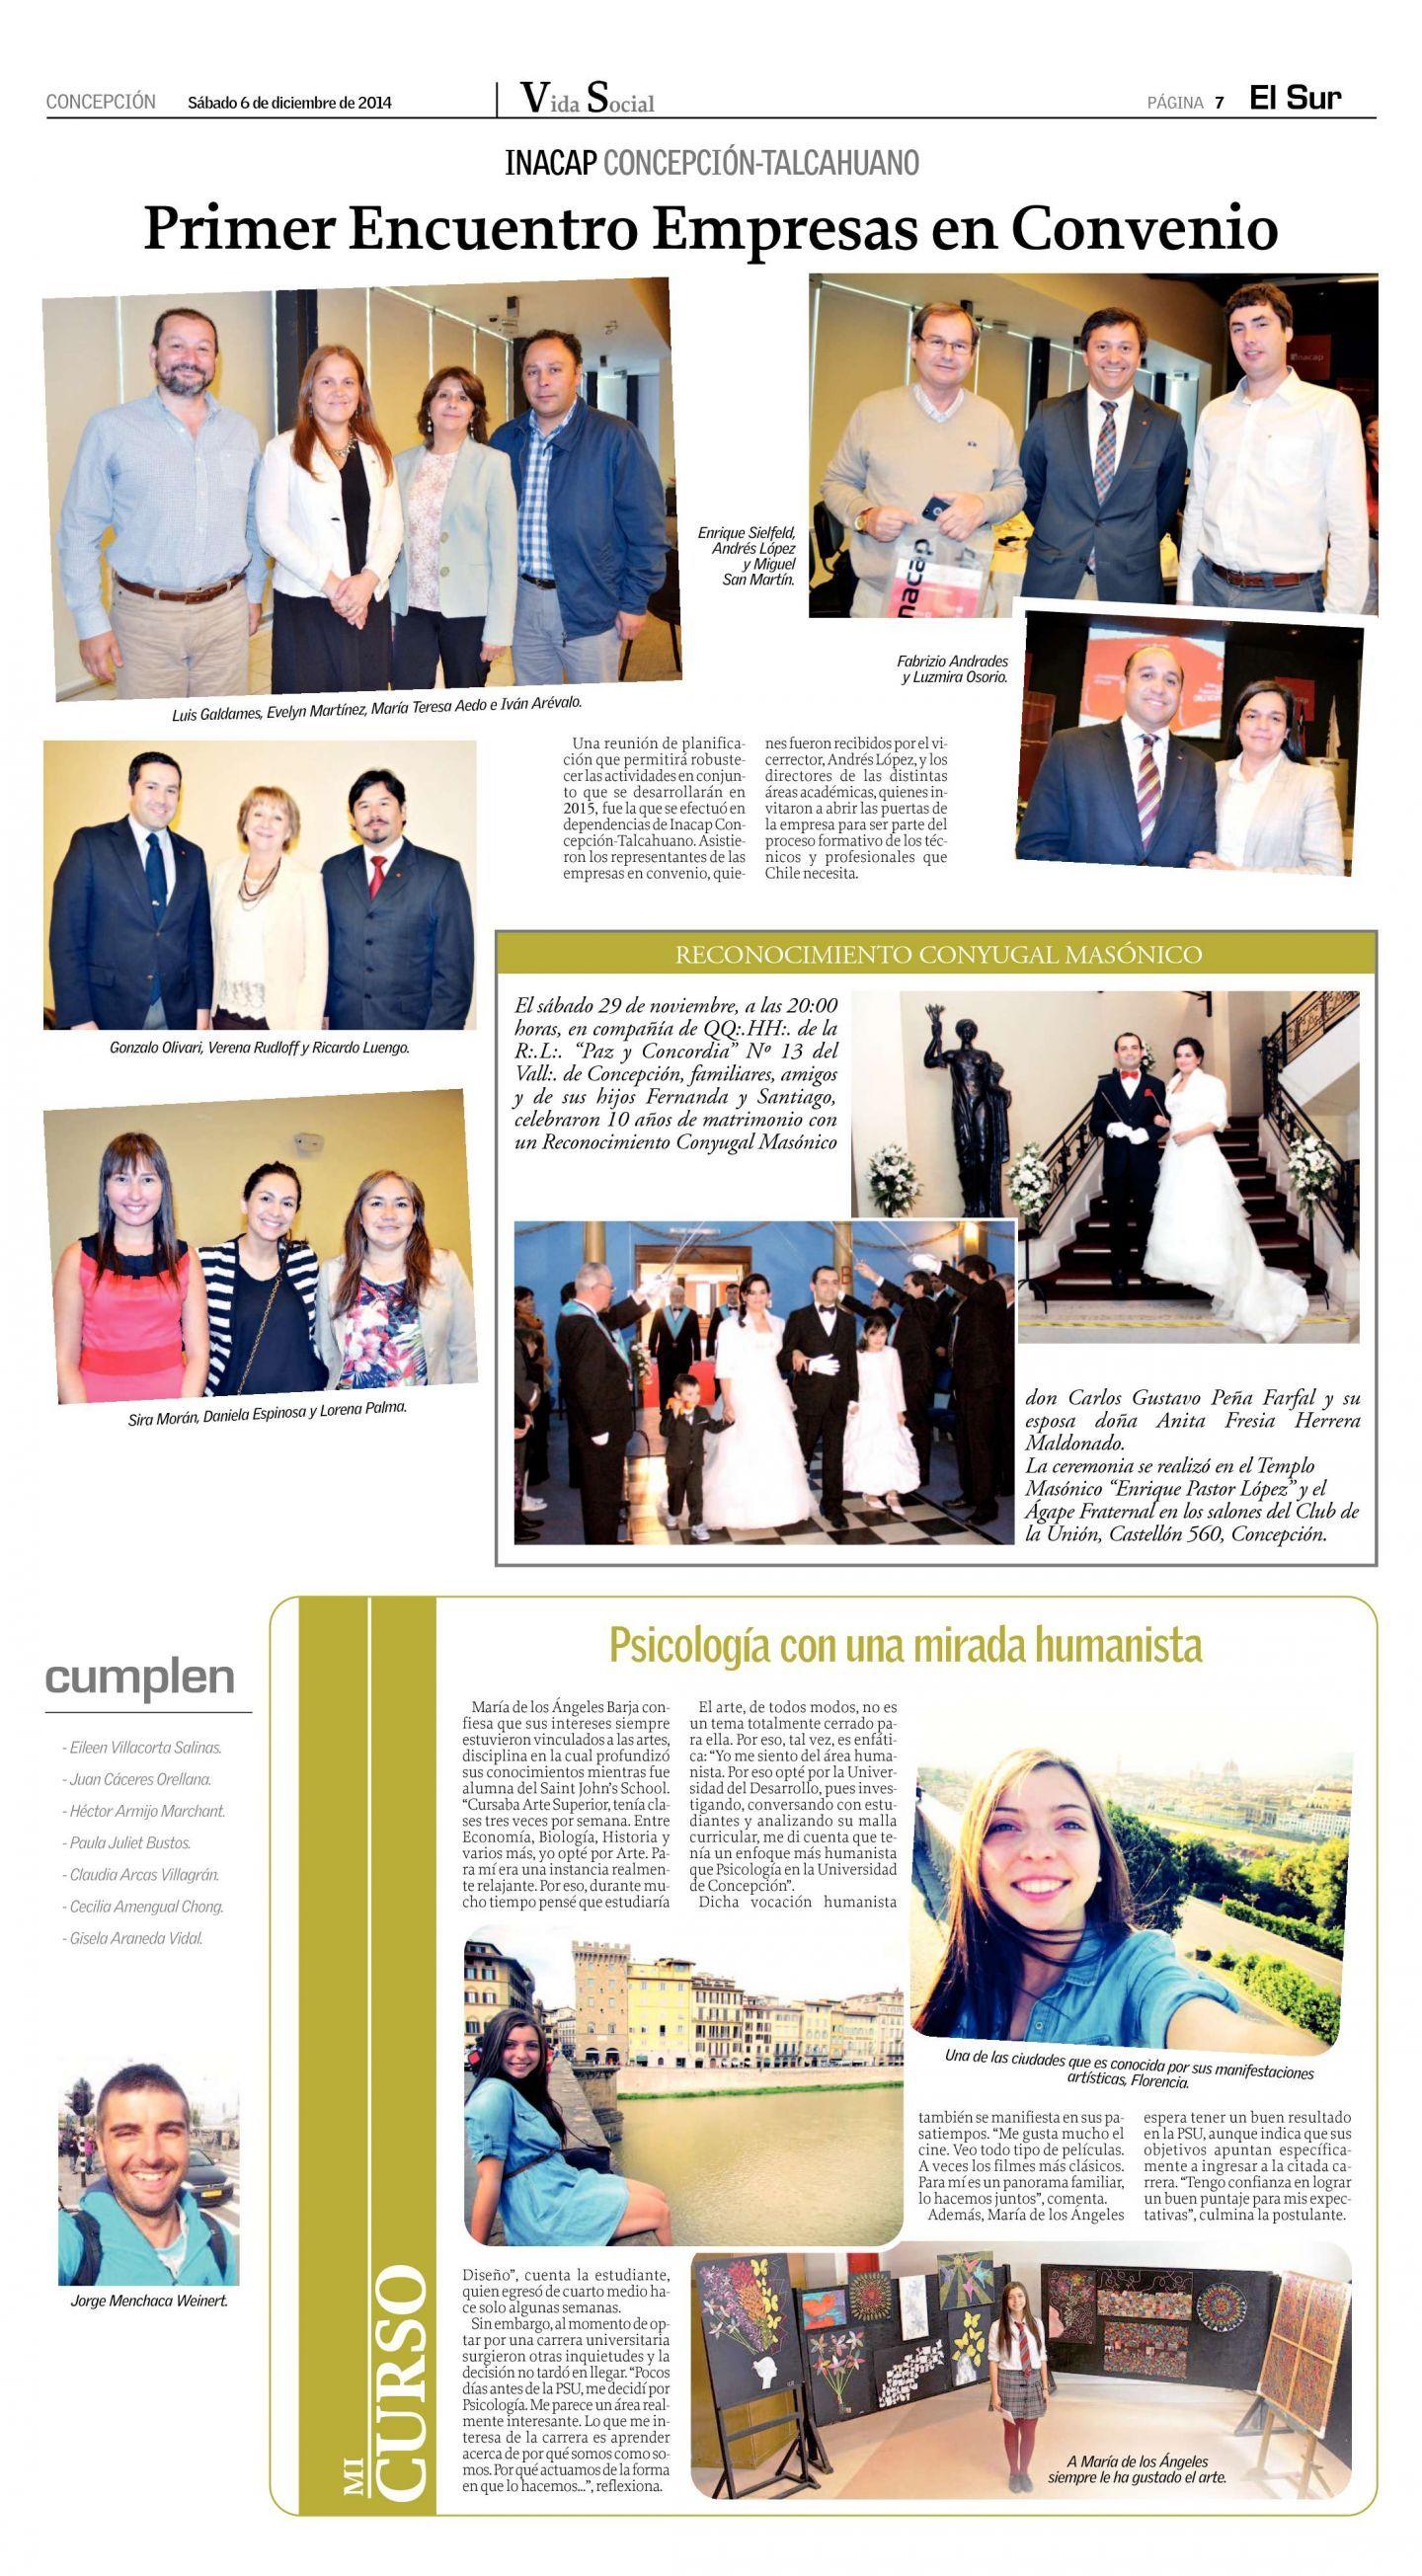 Sociales Diario El Sur